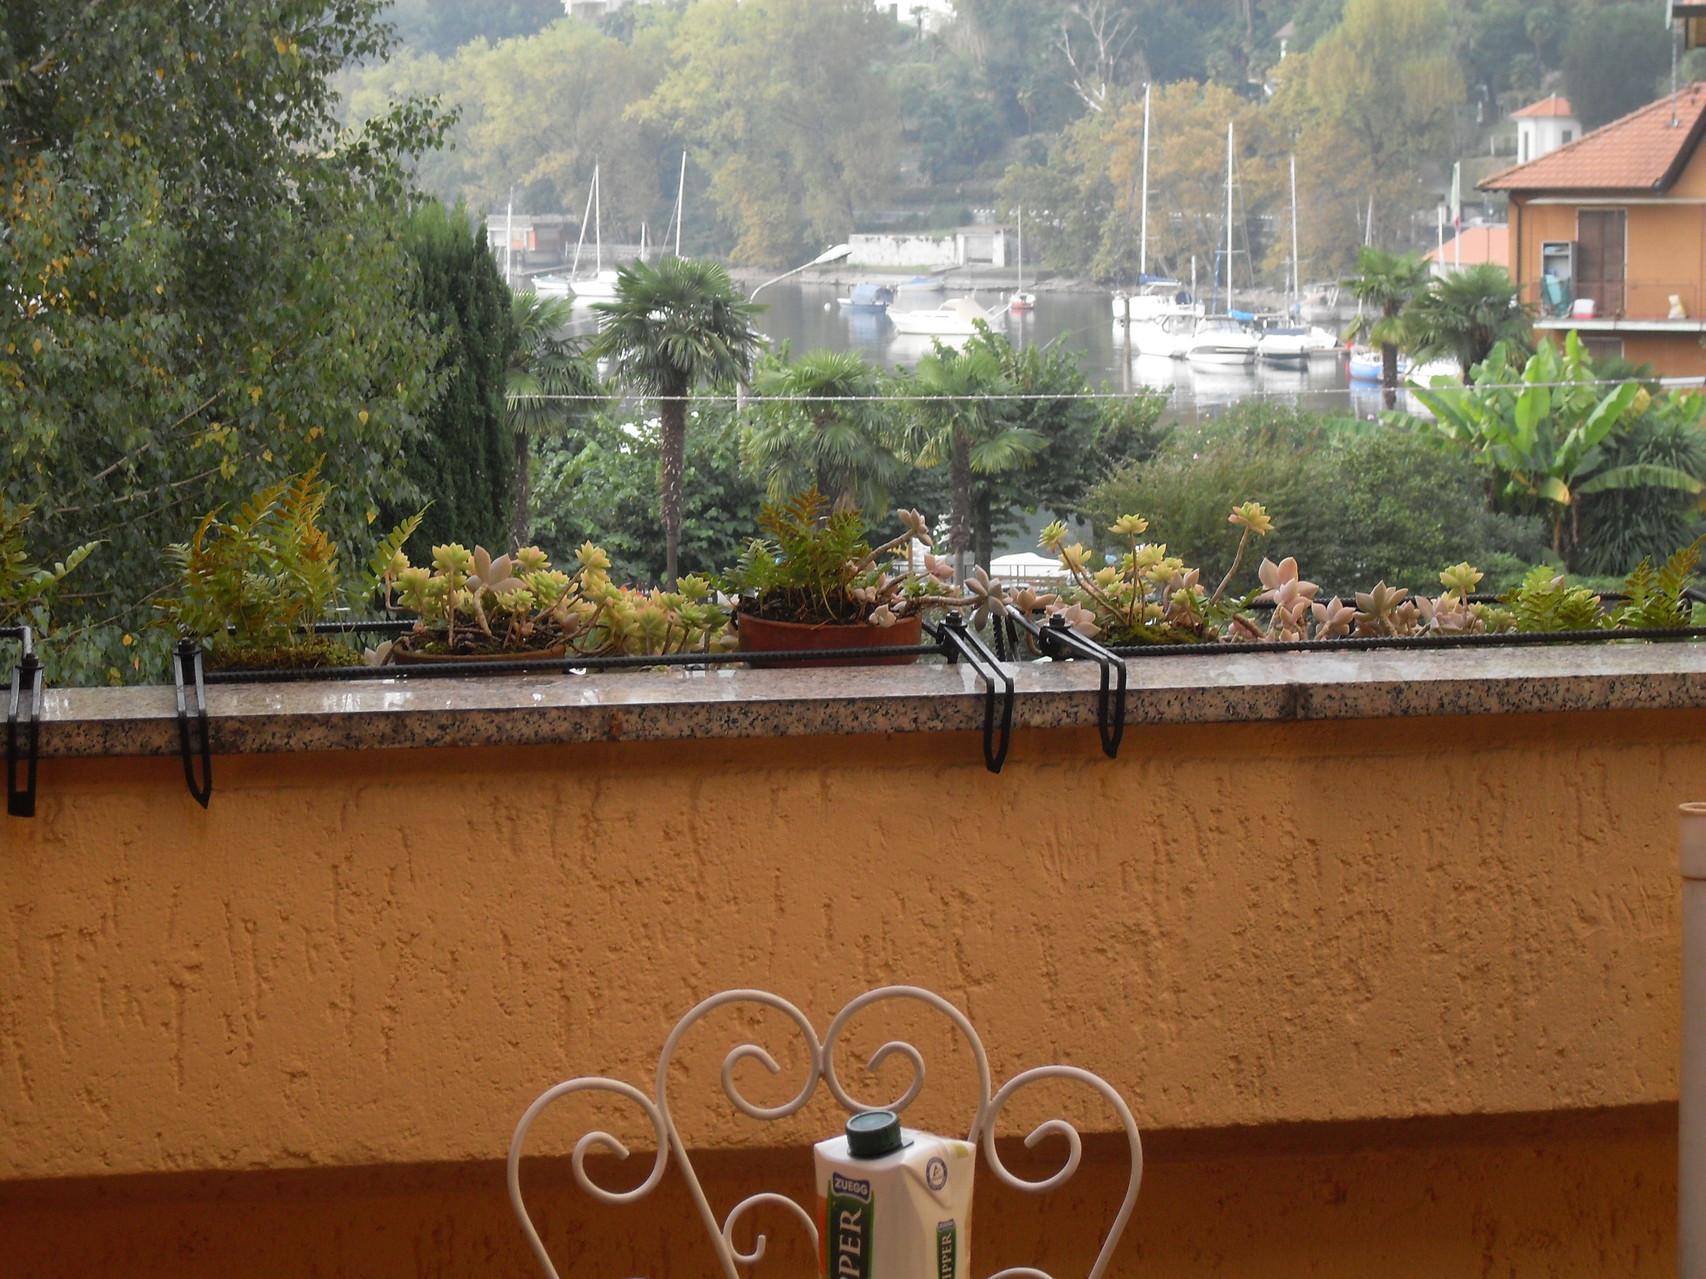 Terrasse mit Tisch und Stühlen